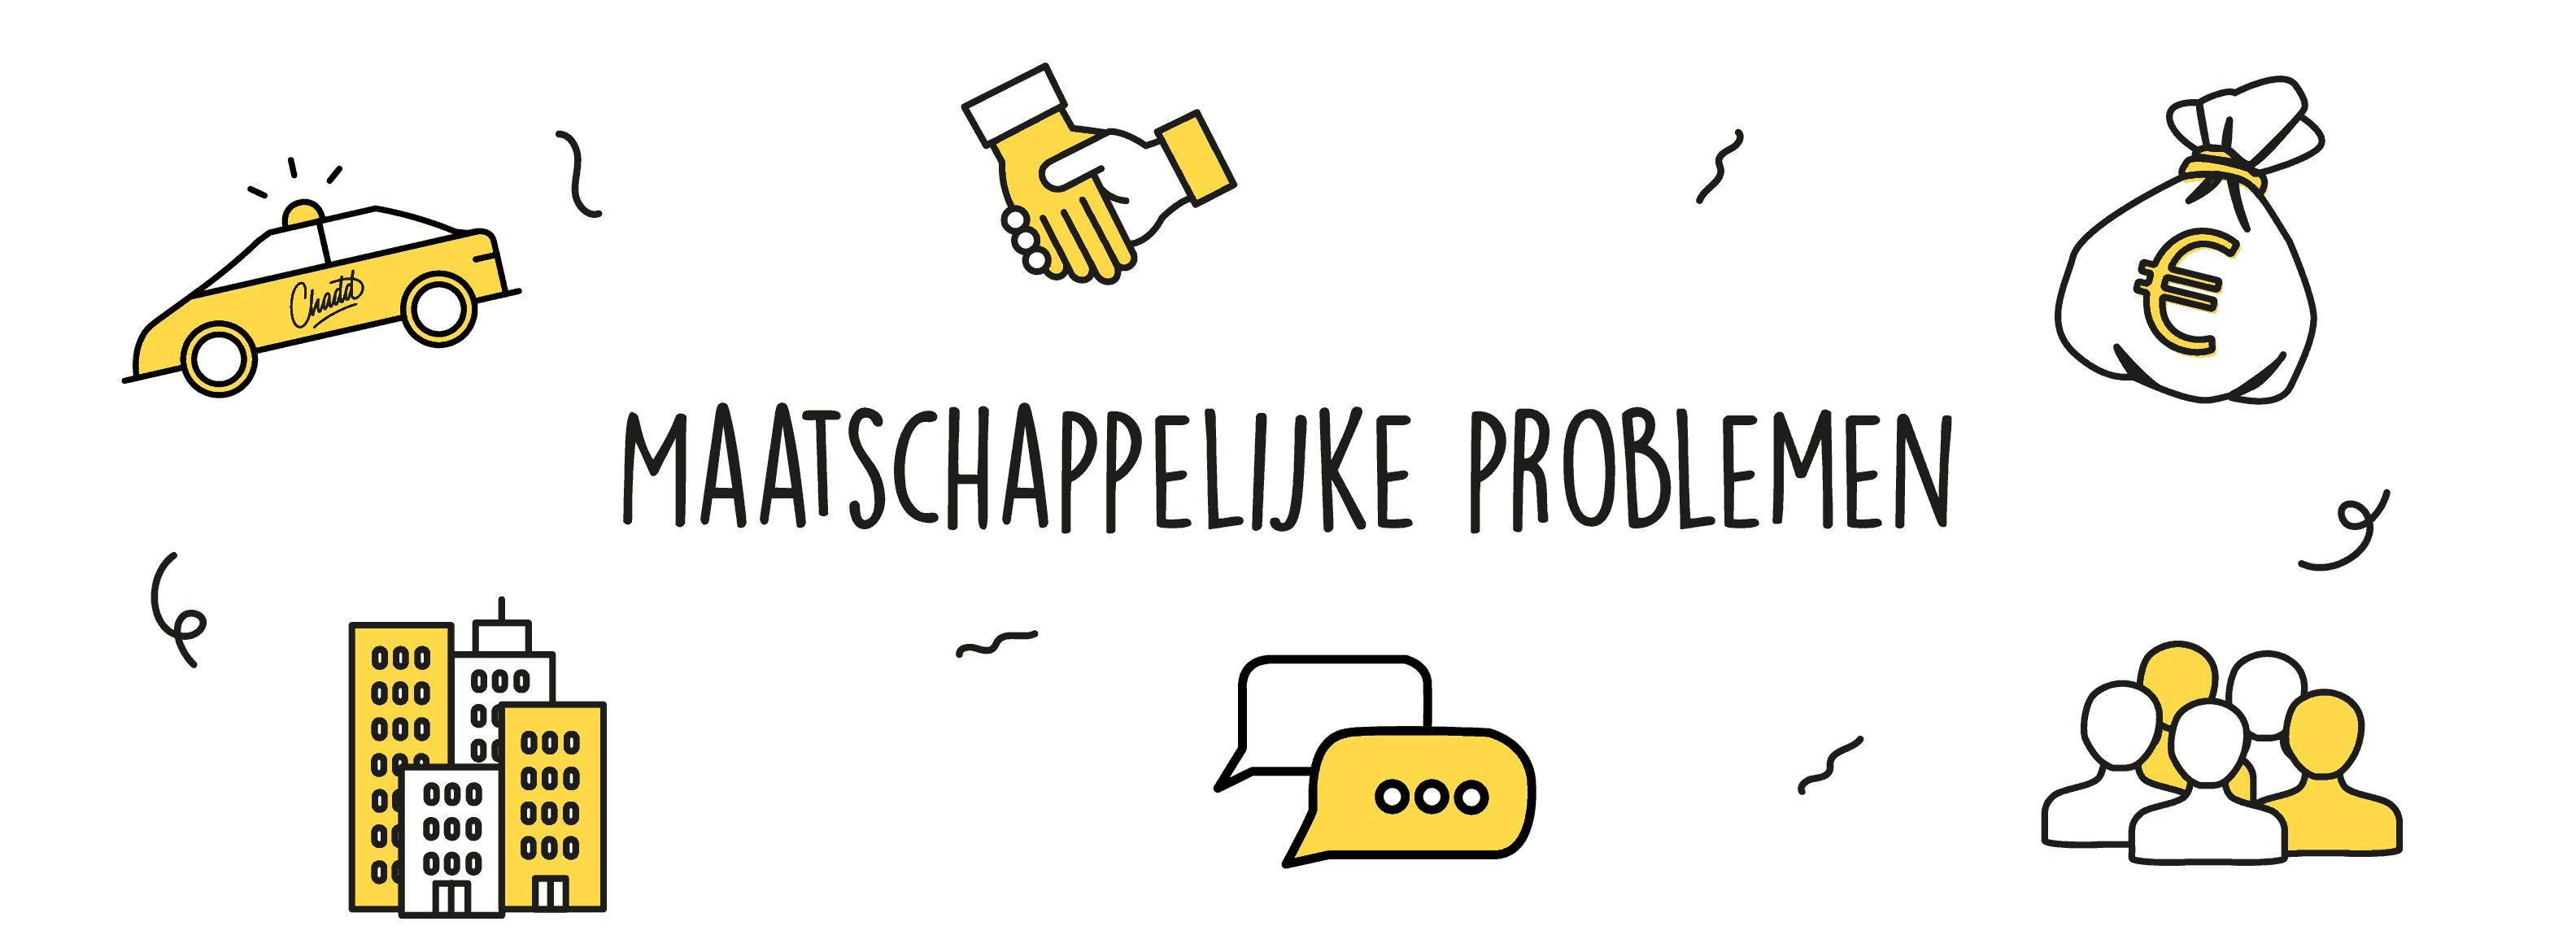 Maatschappelijke problemen